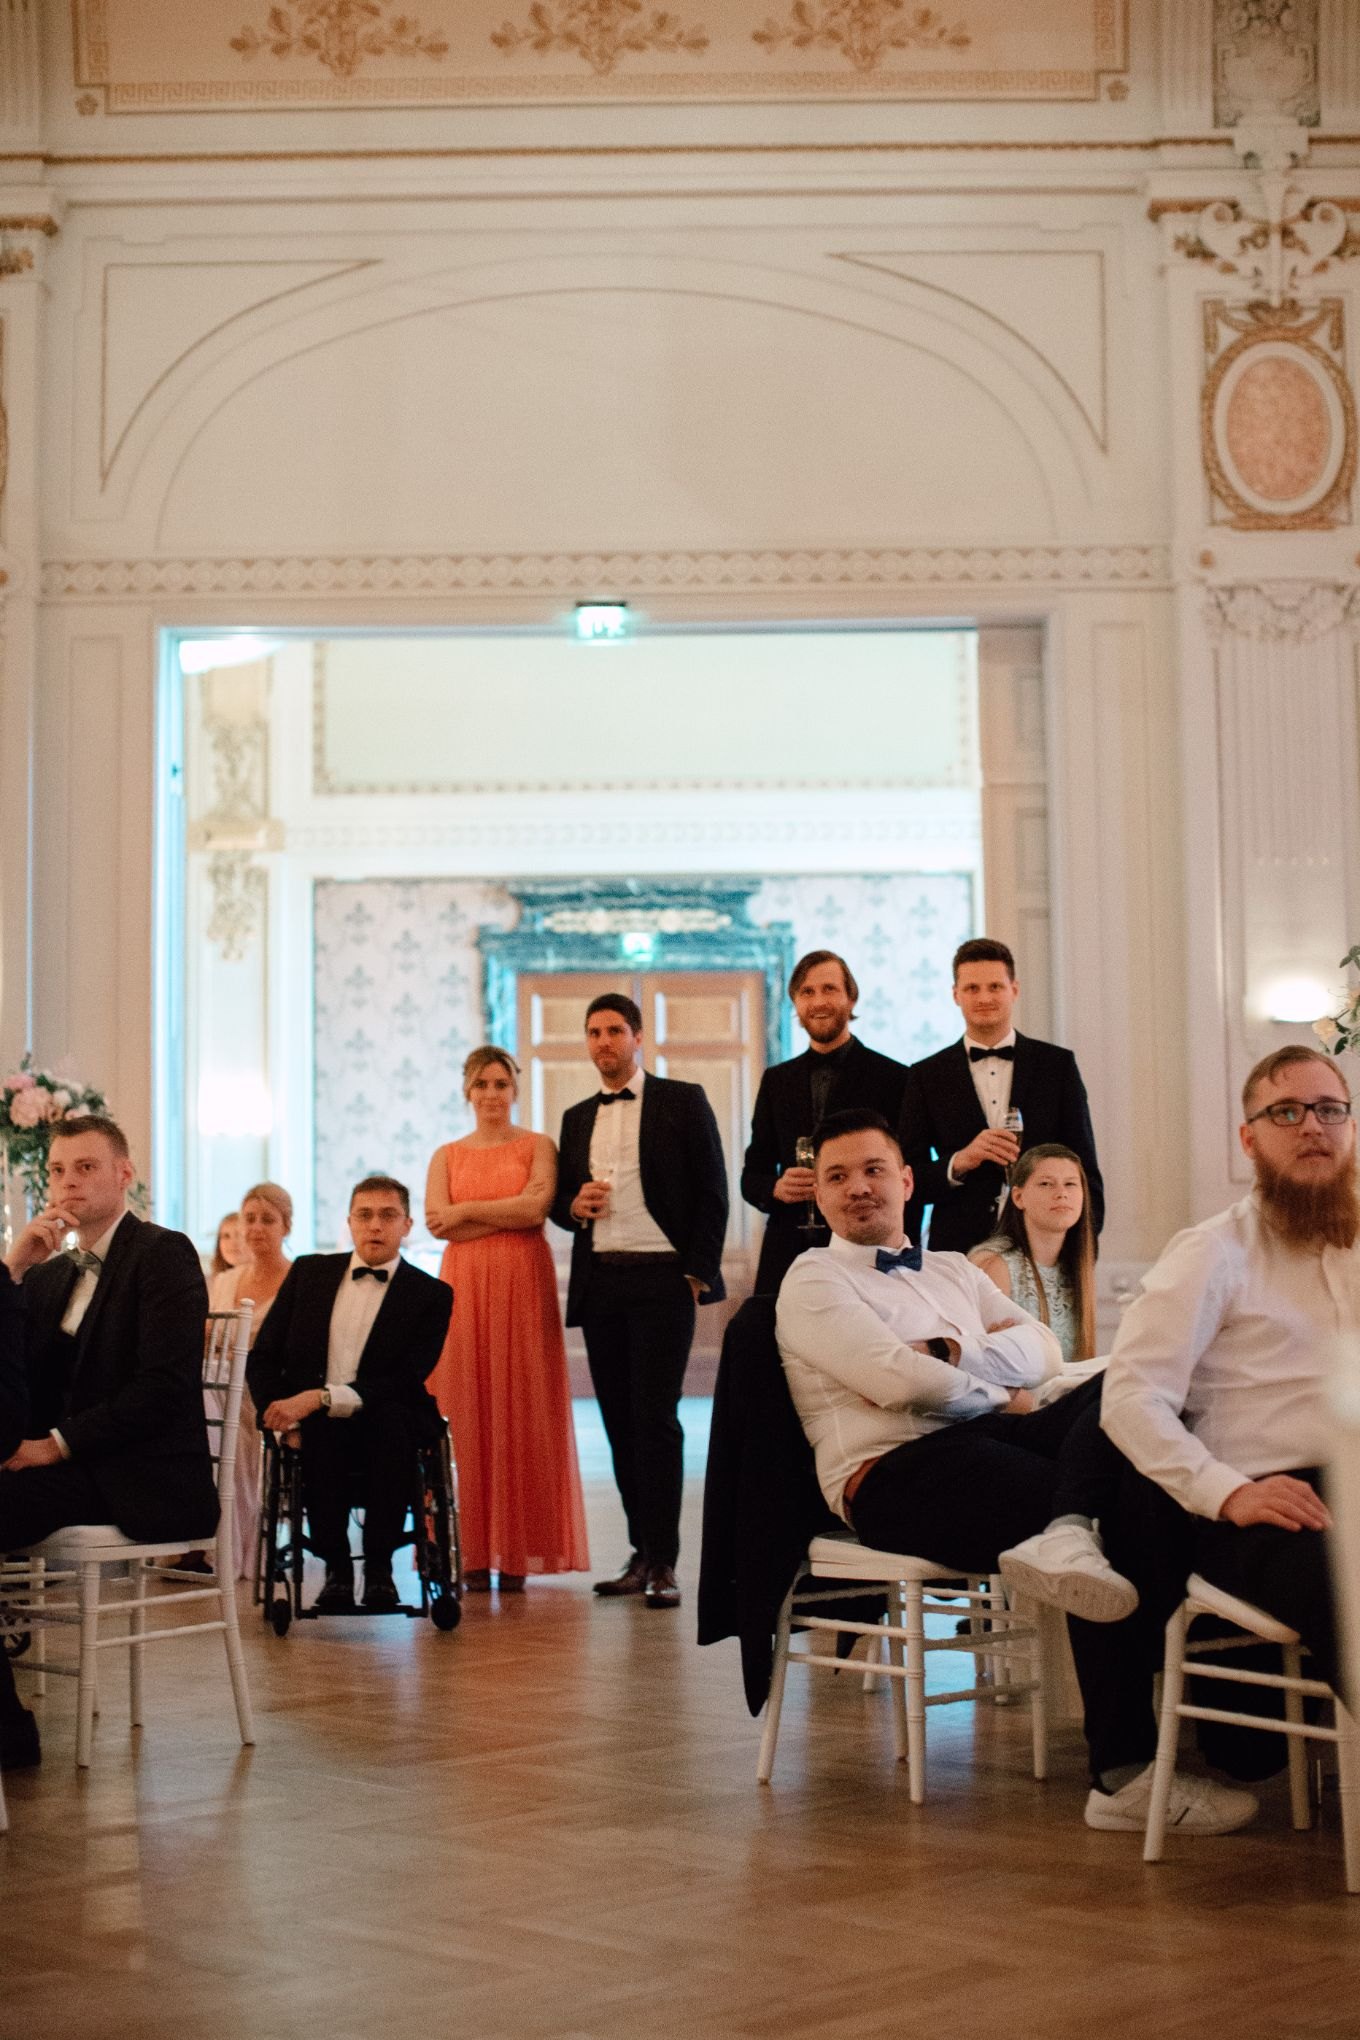 Historische-Stadthalle-Wuppertal-Hochzeit-The-Saums-KN-6-116.jpg